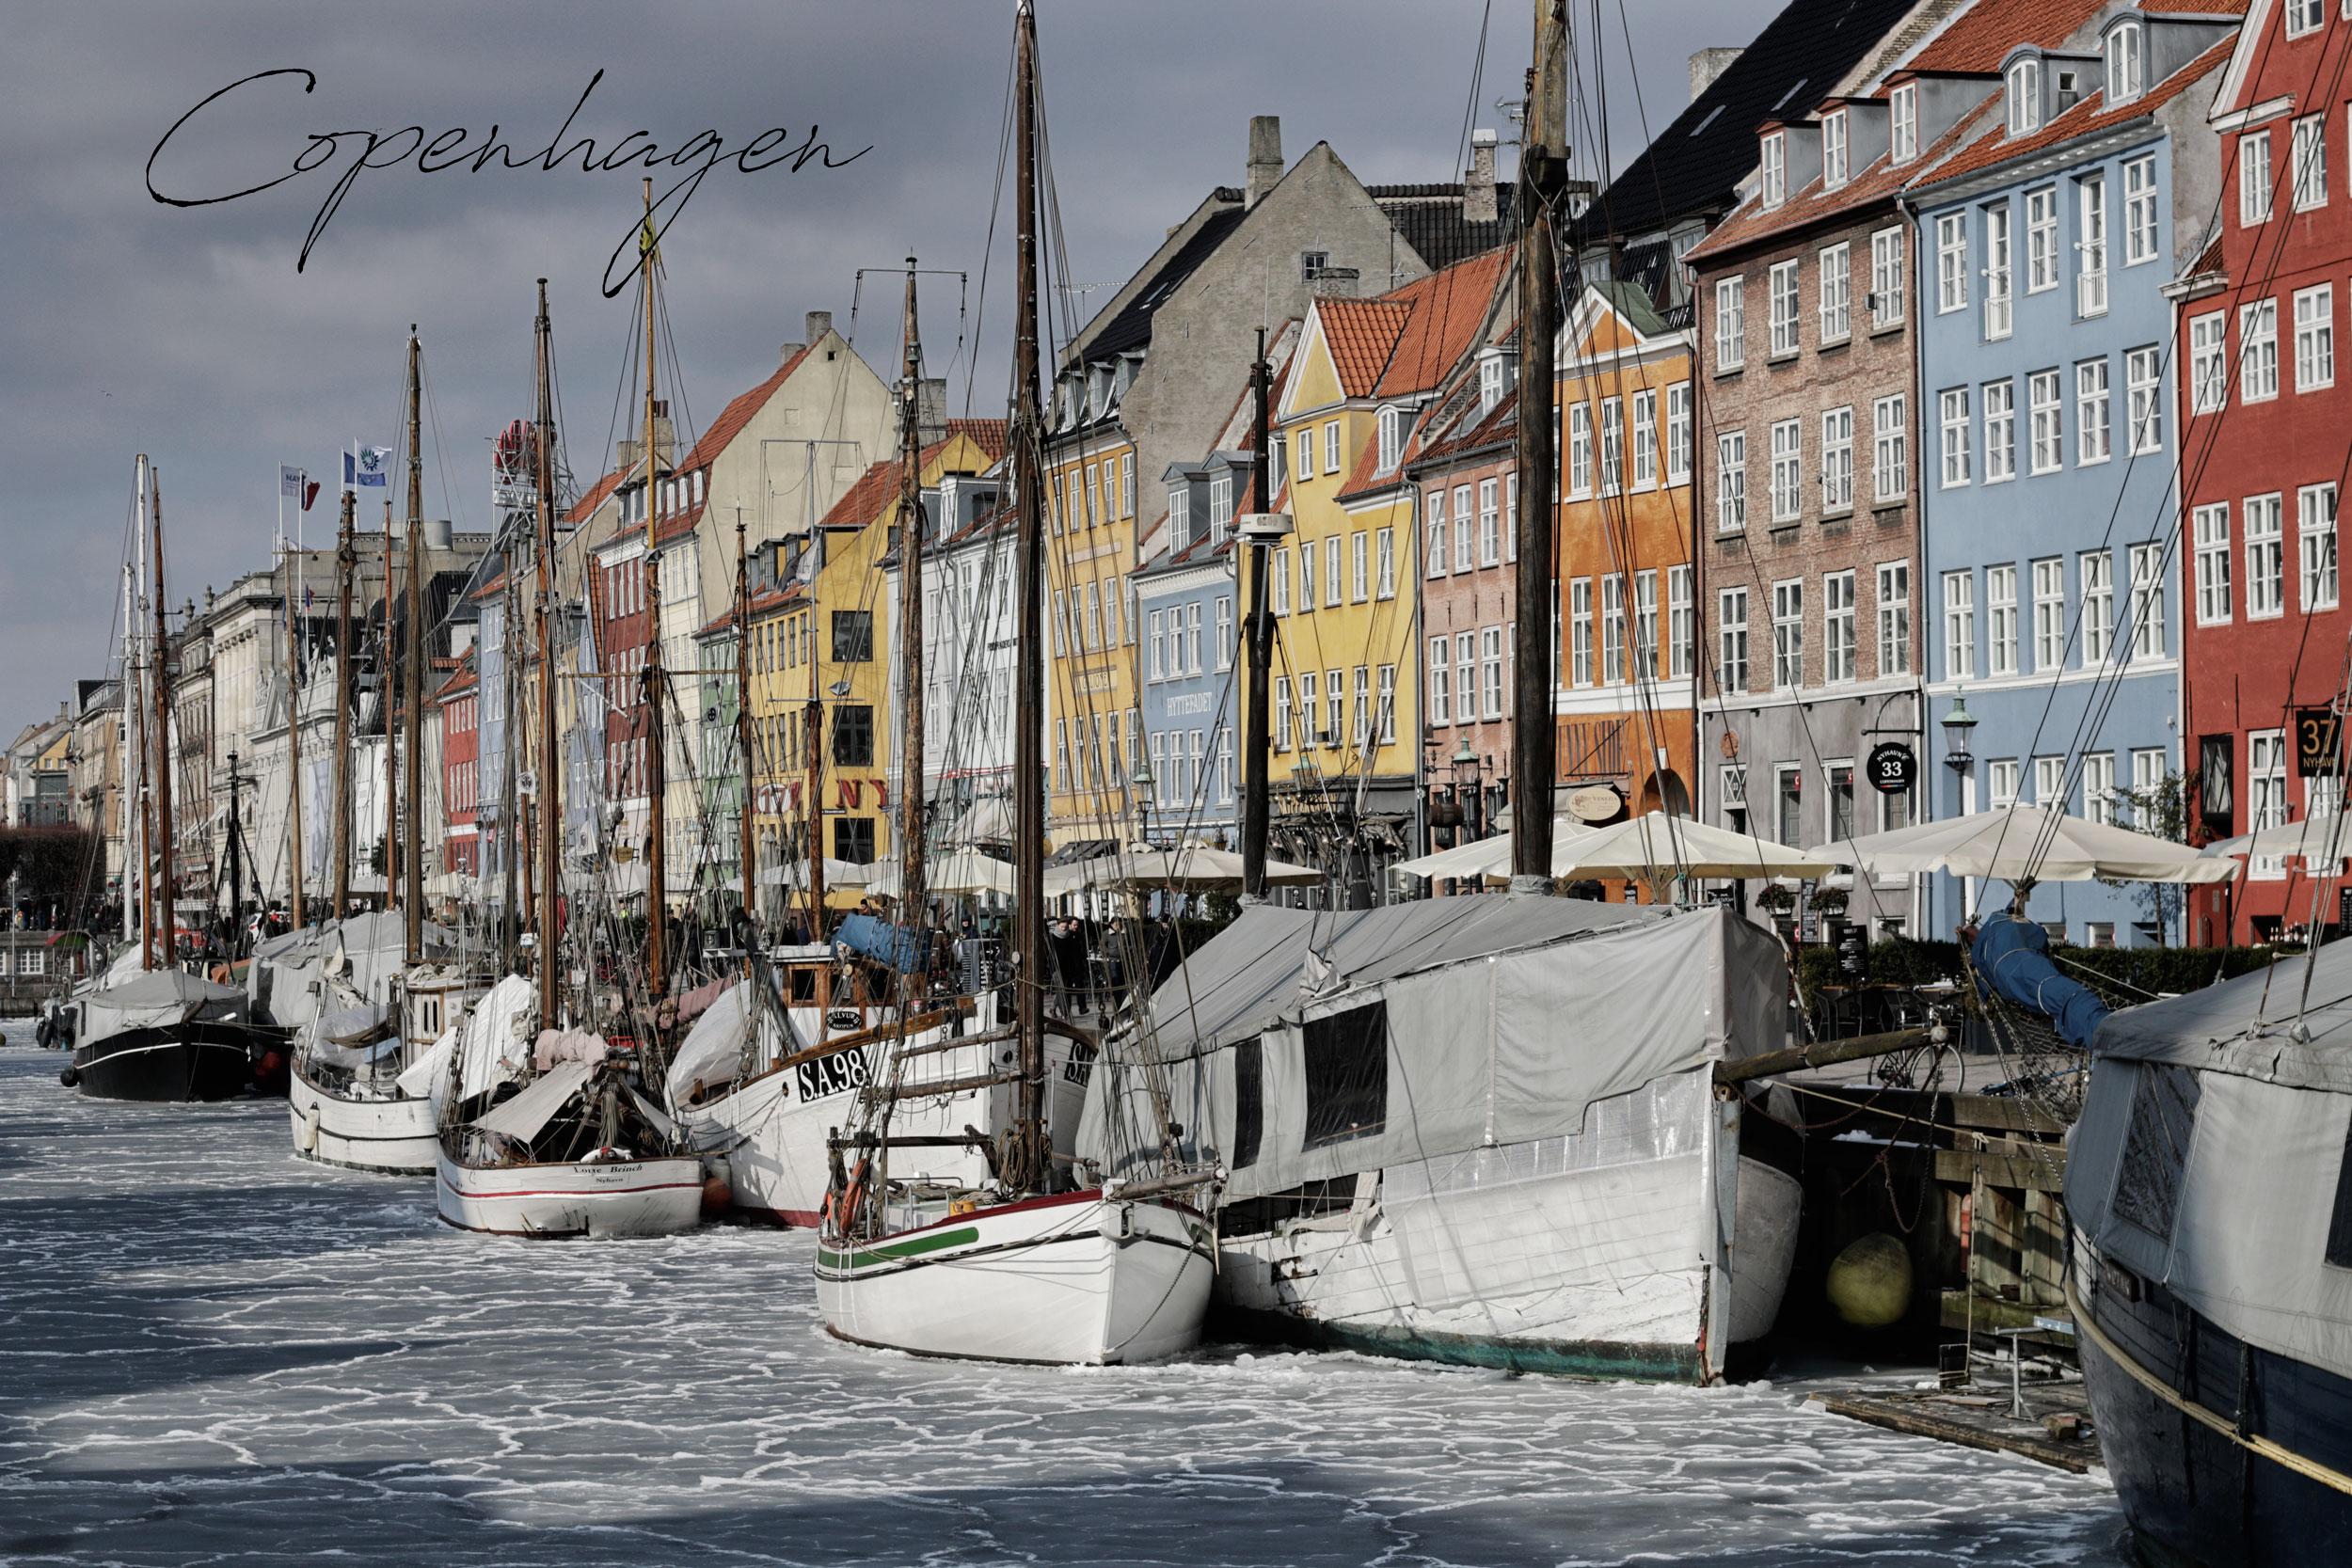 Copenhagen Hygge Report - LES FACTORY FEMMES